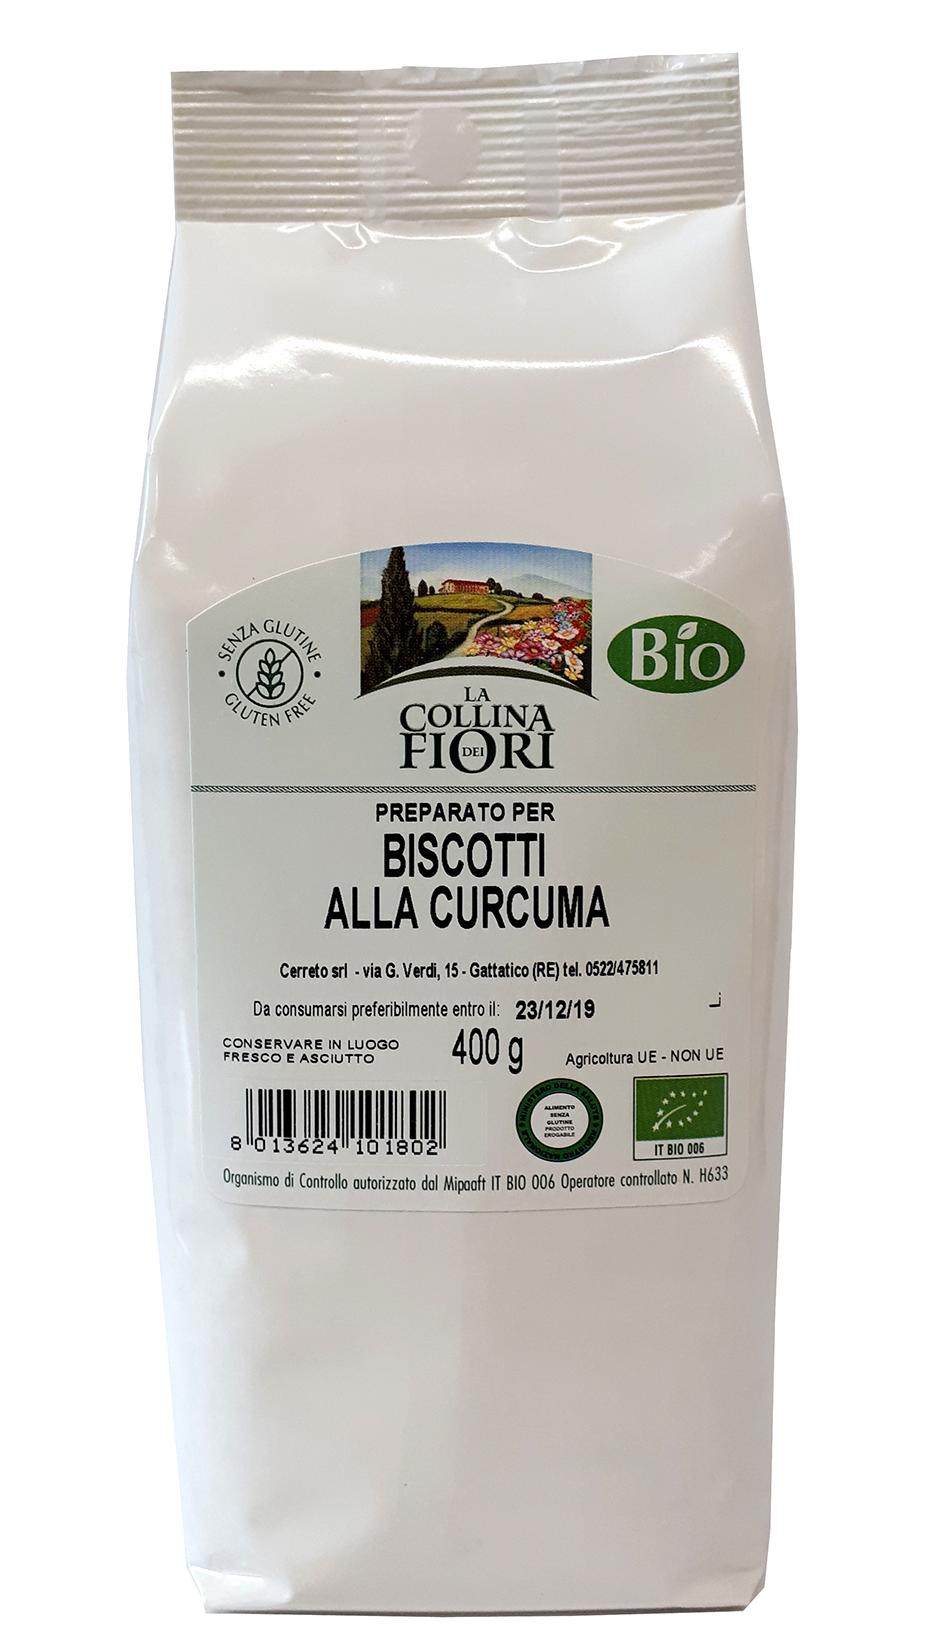 biscotti_curcuma